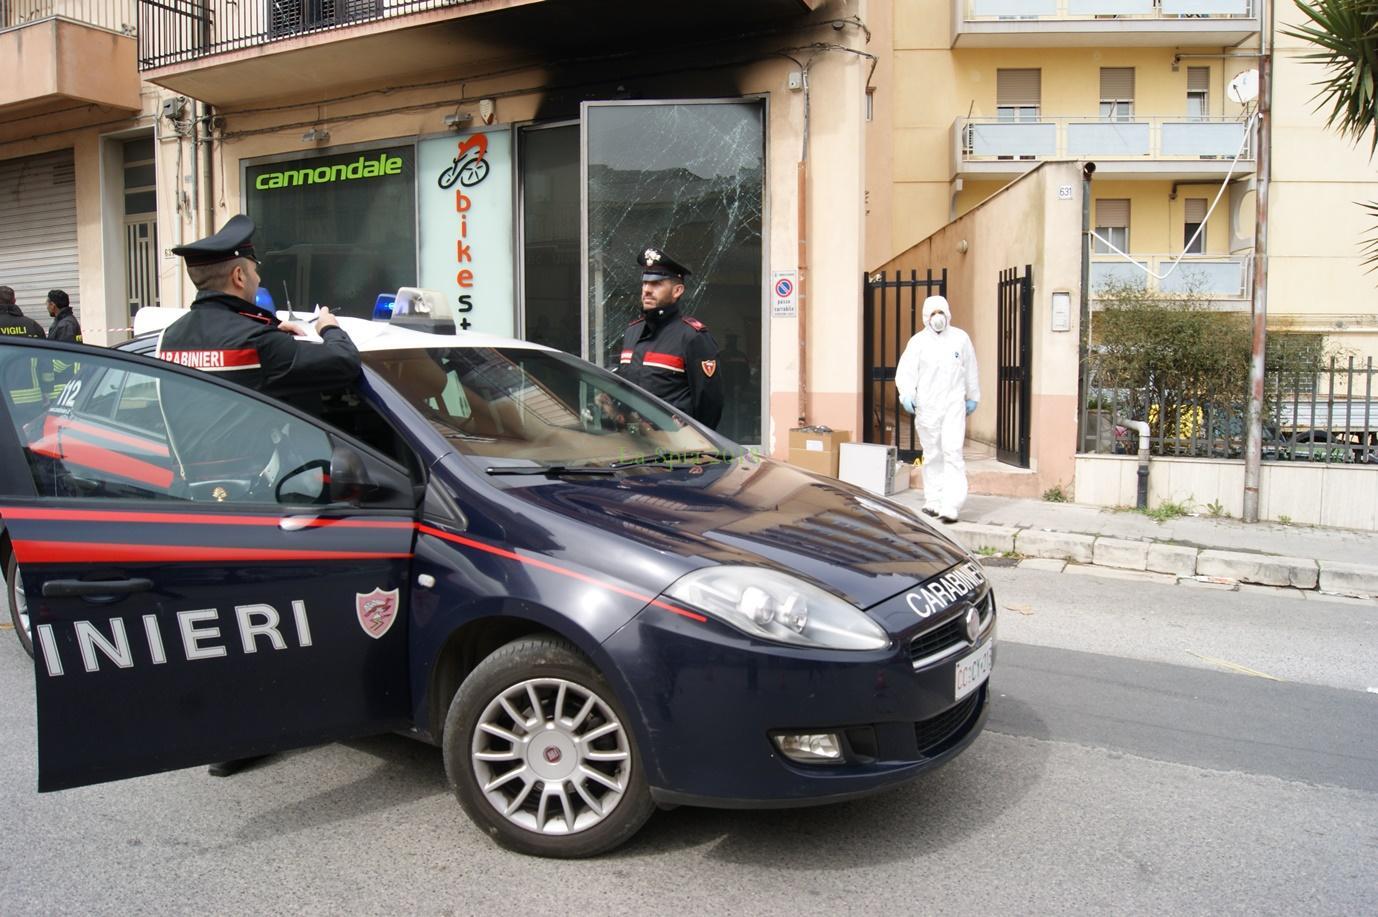 Arrestato dai Carabinieri un ragusano con 50 grammi di cocaina